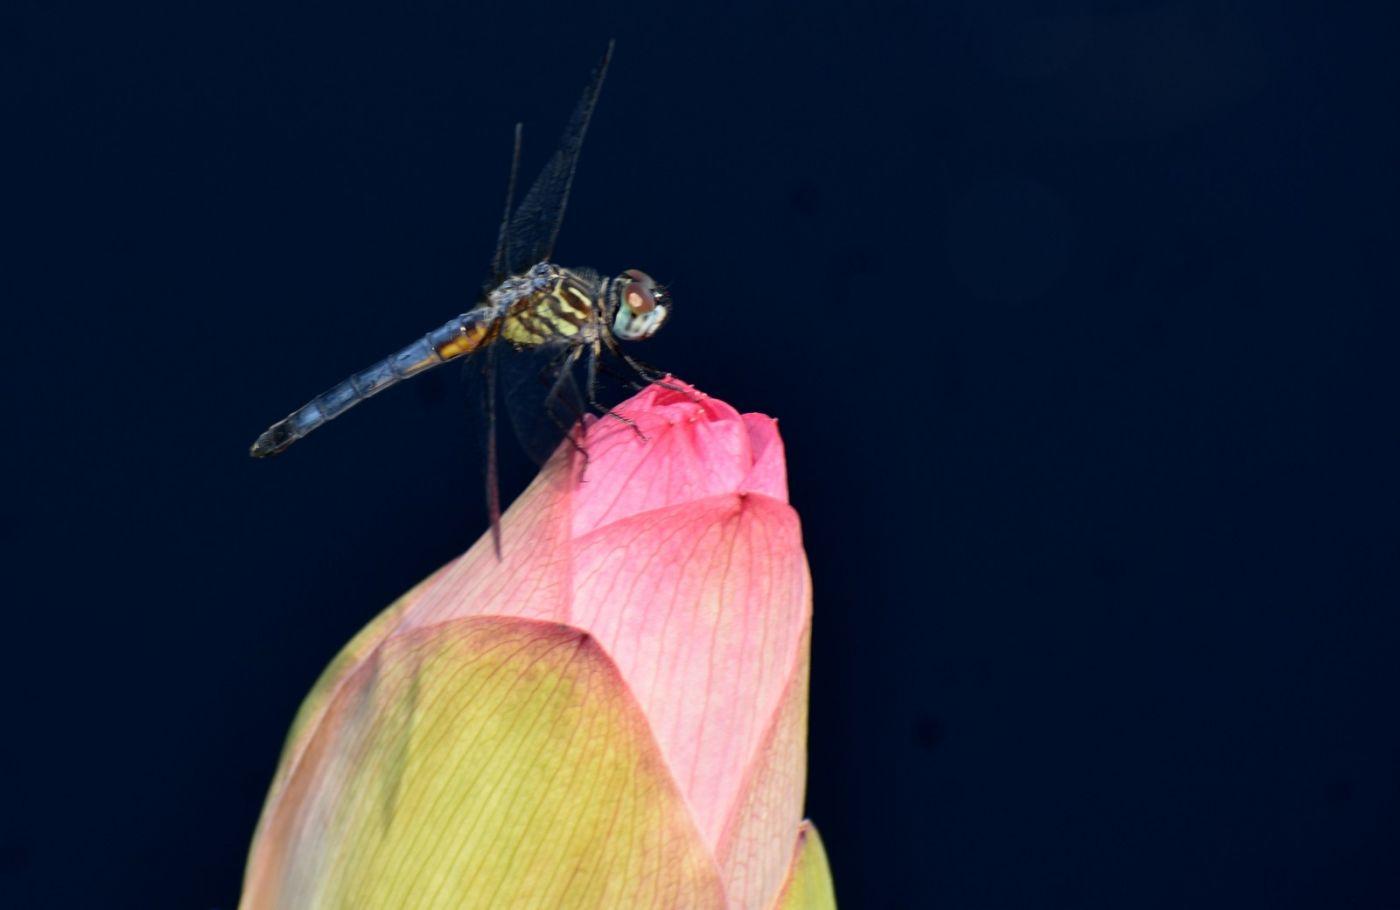 轻盈秀丽的蜻蜓_图1-5